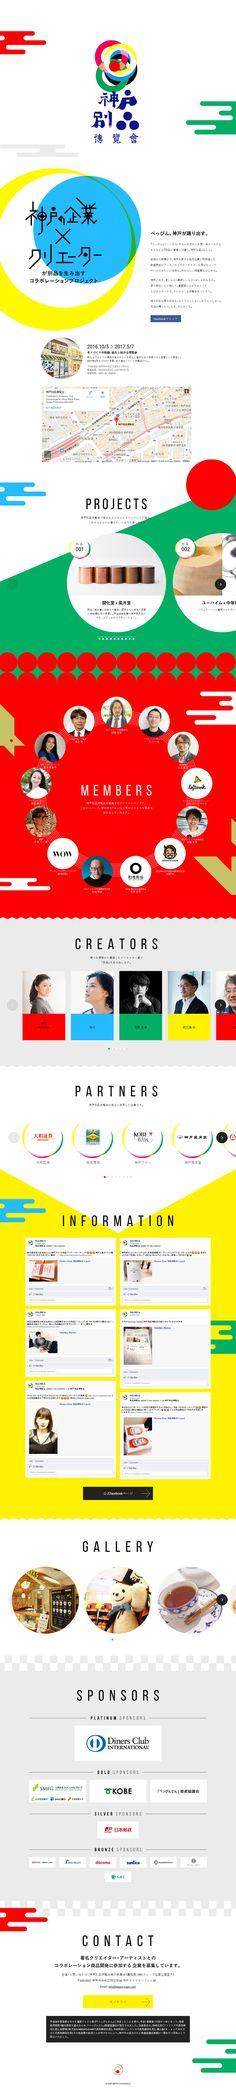 神戸別品博覽會【サービス関連】のLPデザイン。WEBデザイナーさん必見!ランディングページのデザイン参考に(アート・芸術系)